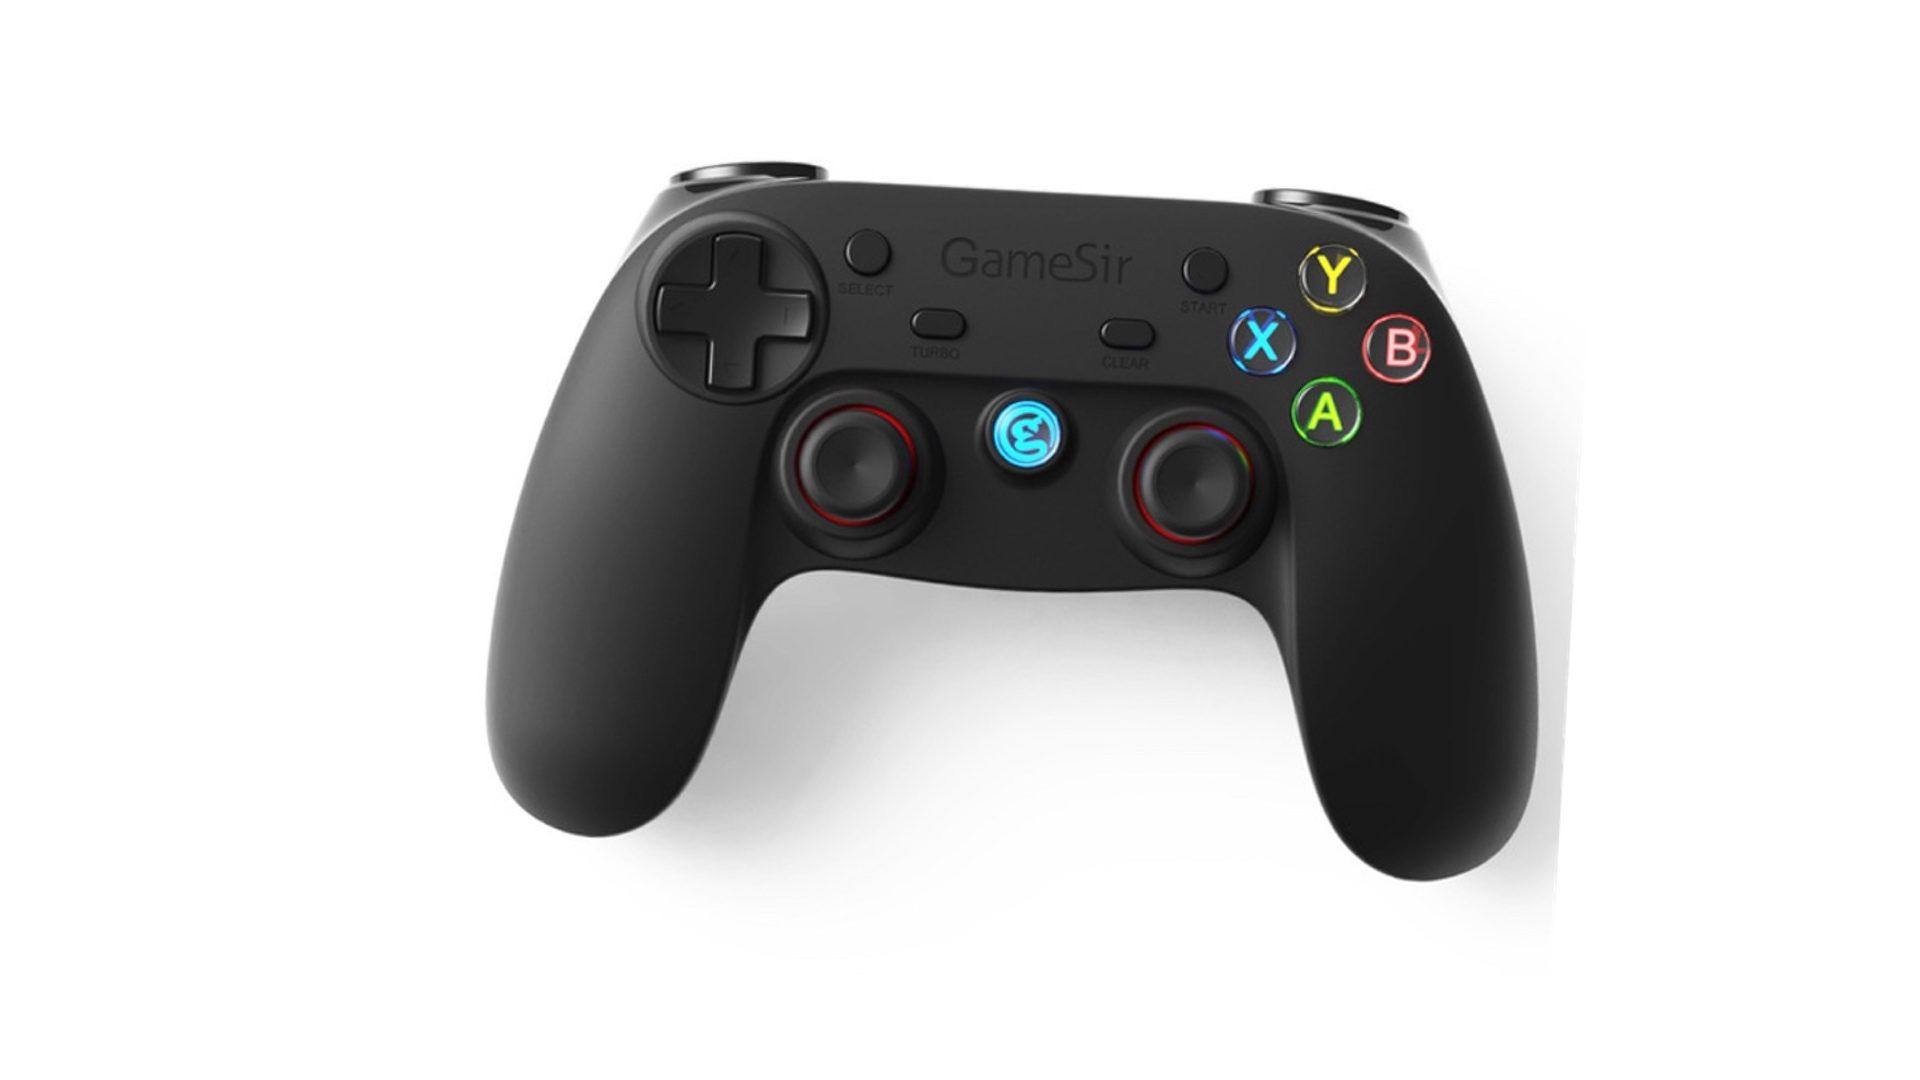 Avis test manette gamesir g3s je suis un le - Xboxygen le site consacre aux consoles xbox et xbox ...